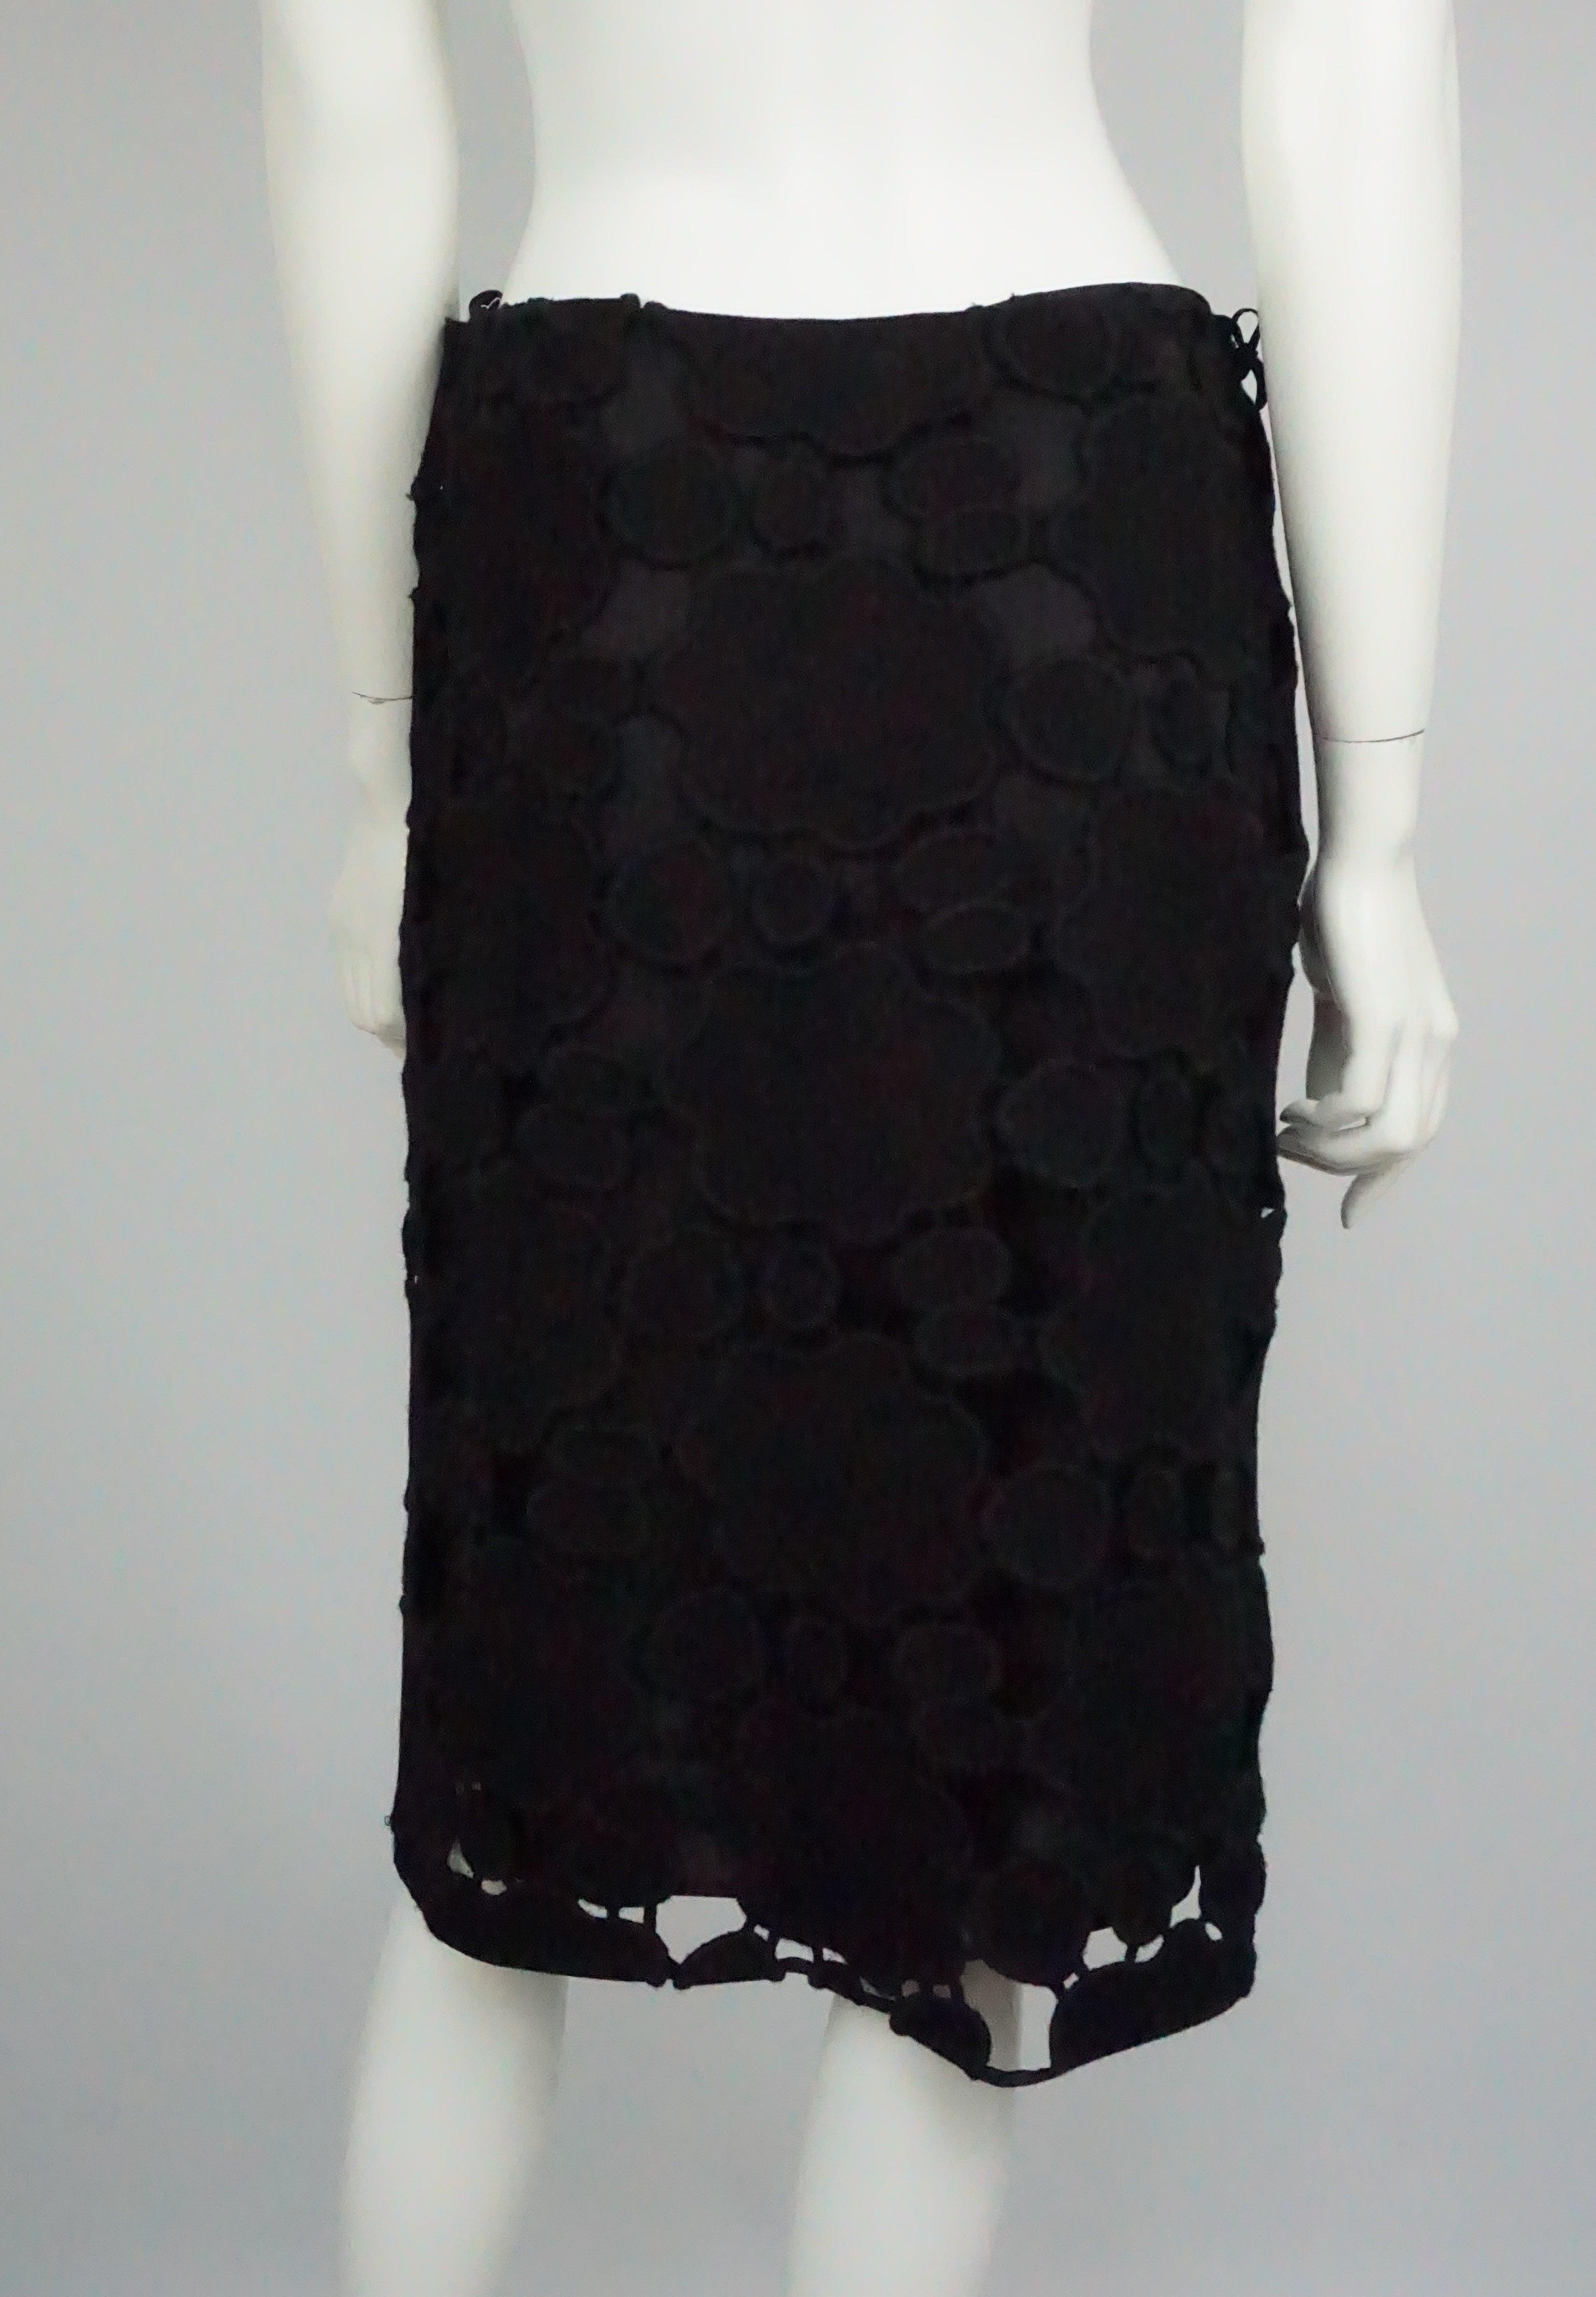 784b80cc5f25 Miu Miu Black Wool Cutout Skirt - 42 For Sale at 1stdibs